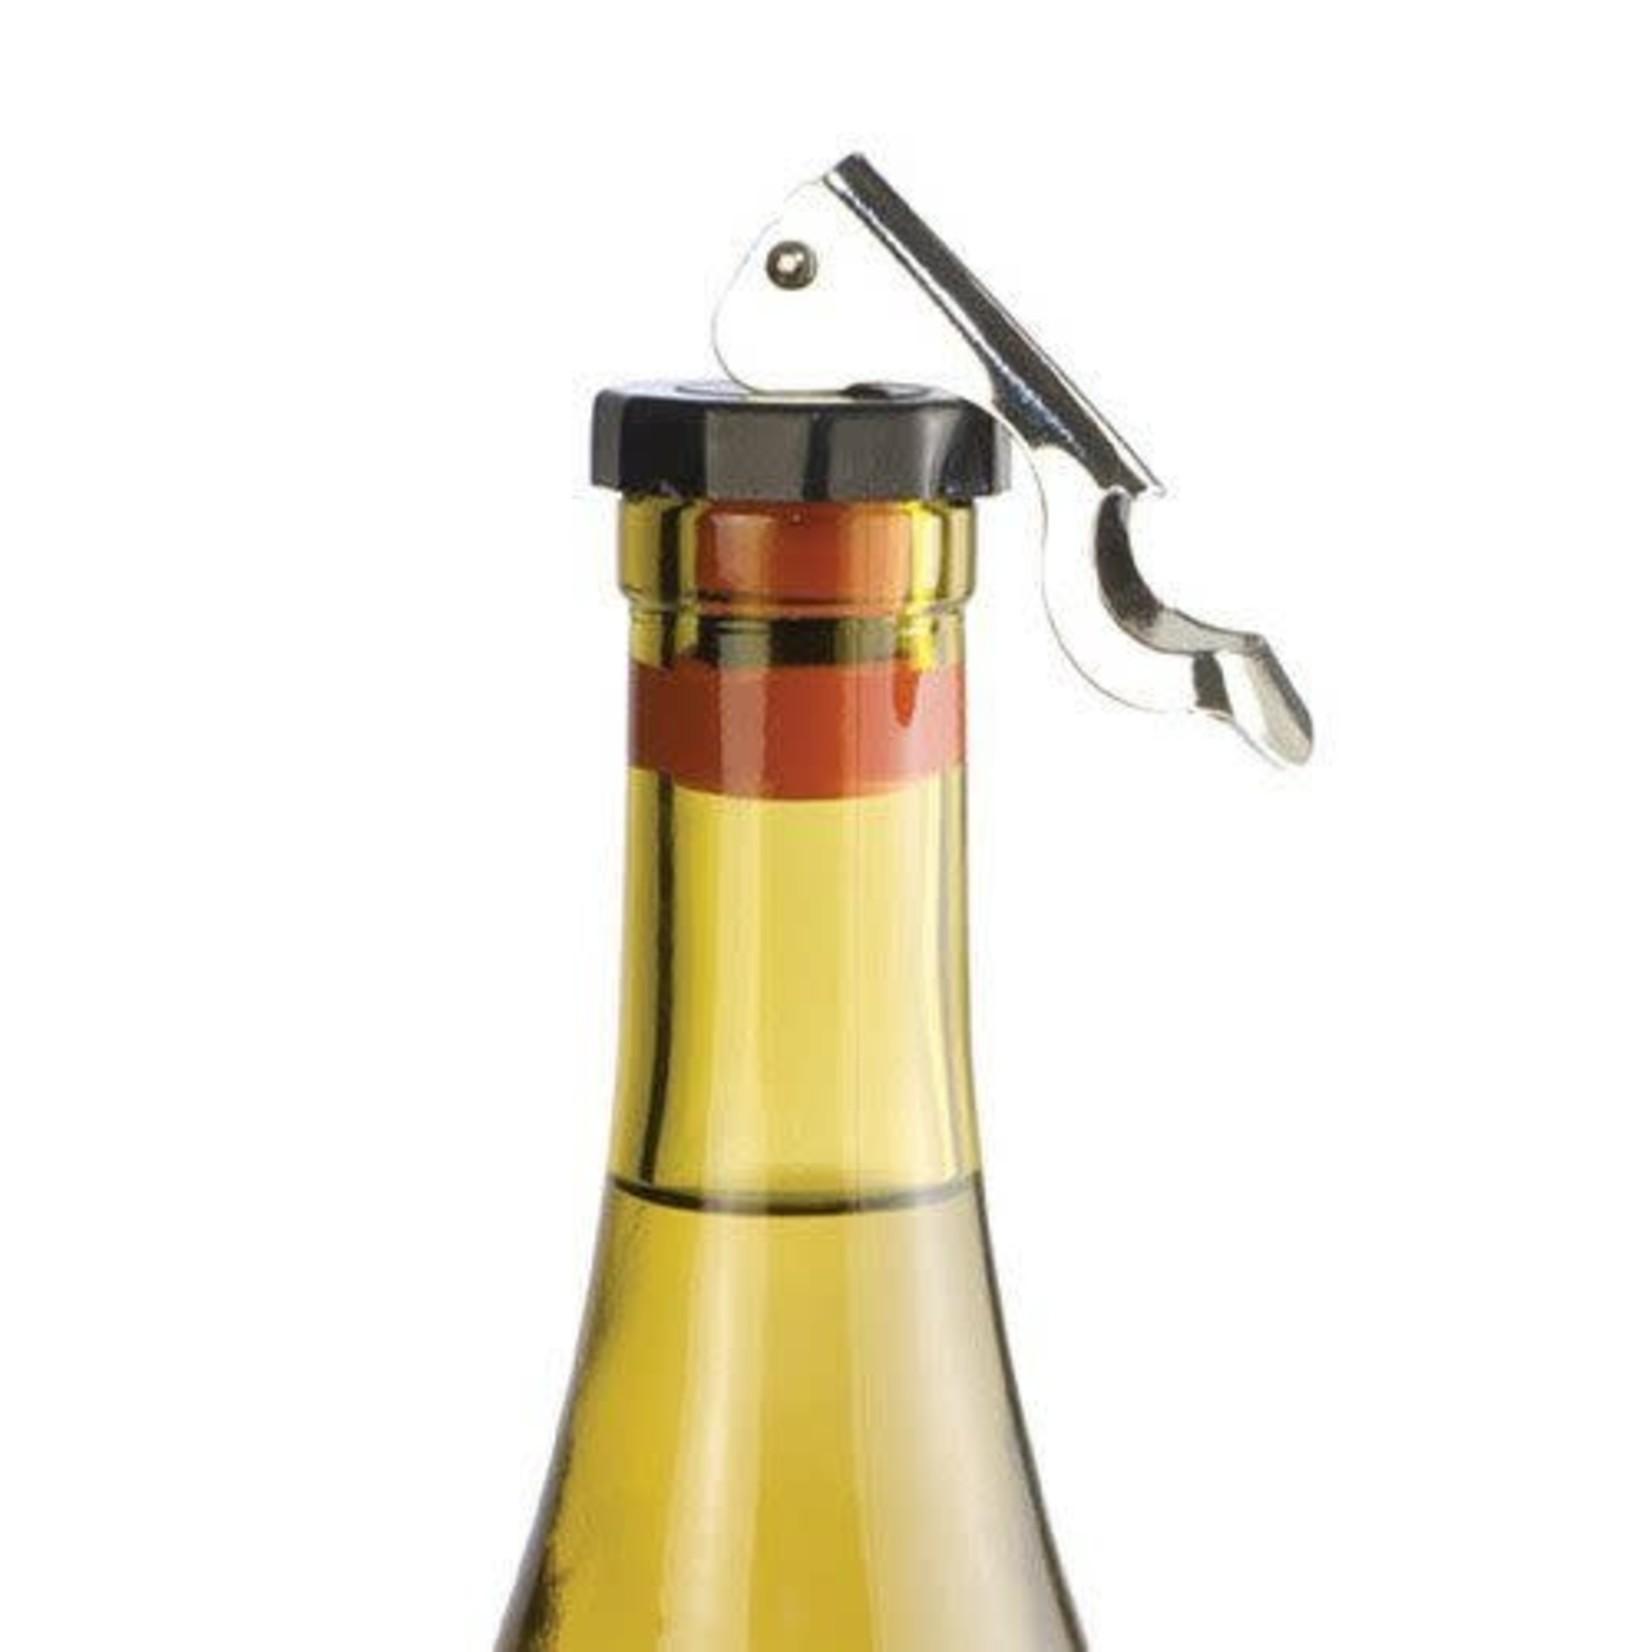 Locking Bottle Stopper